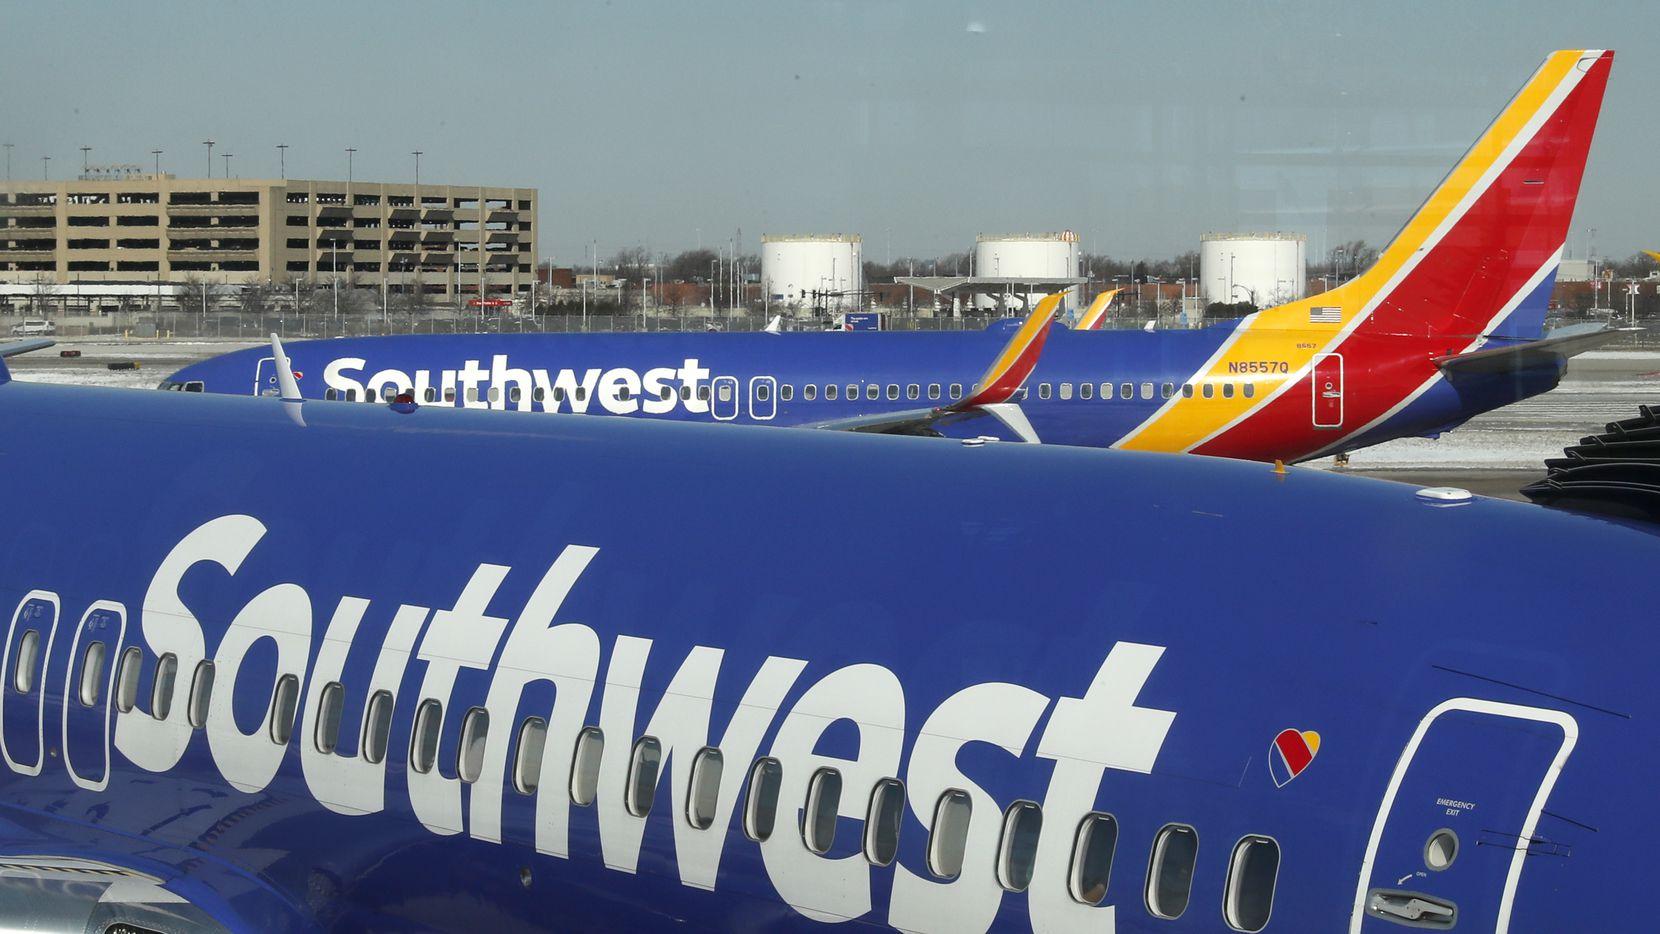 Un altercado en un vuelo de Southwest a San Diego fue grabado en video. Se trata de uno de varios incidentes de pasajeros revoltosos en los últimos meses.